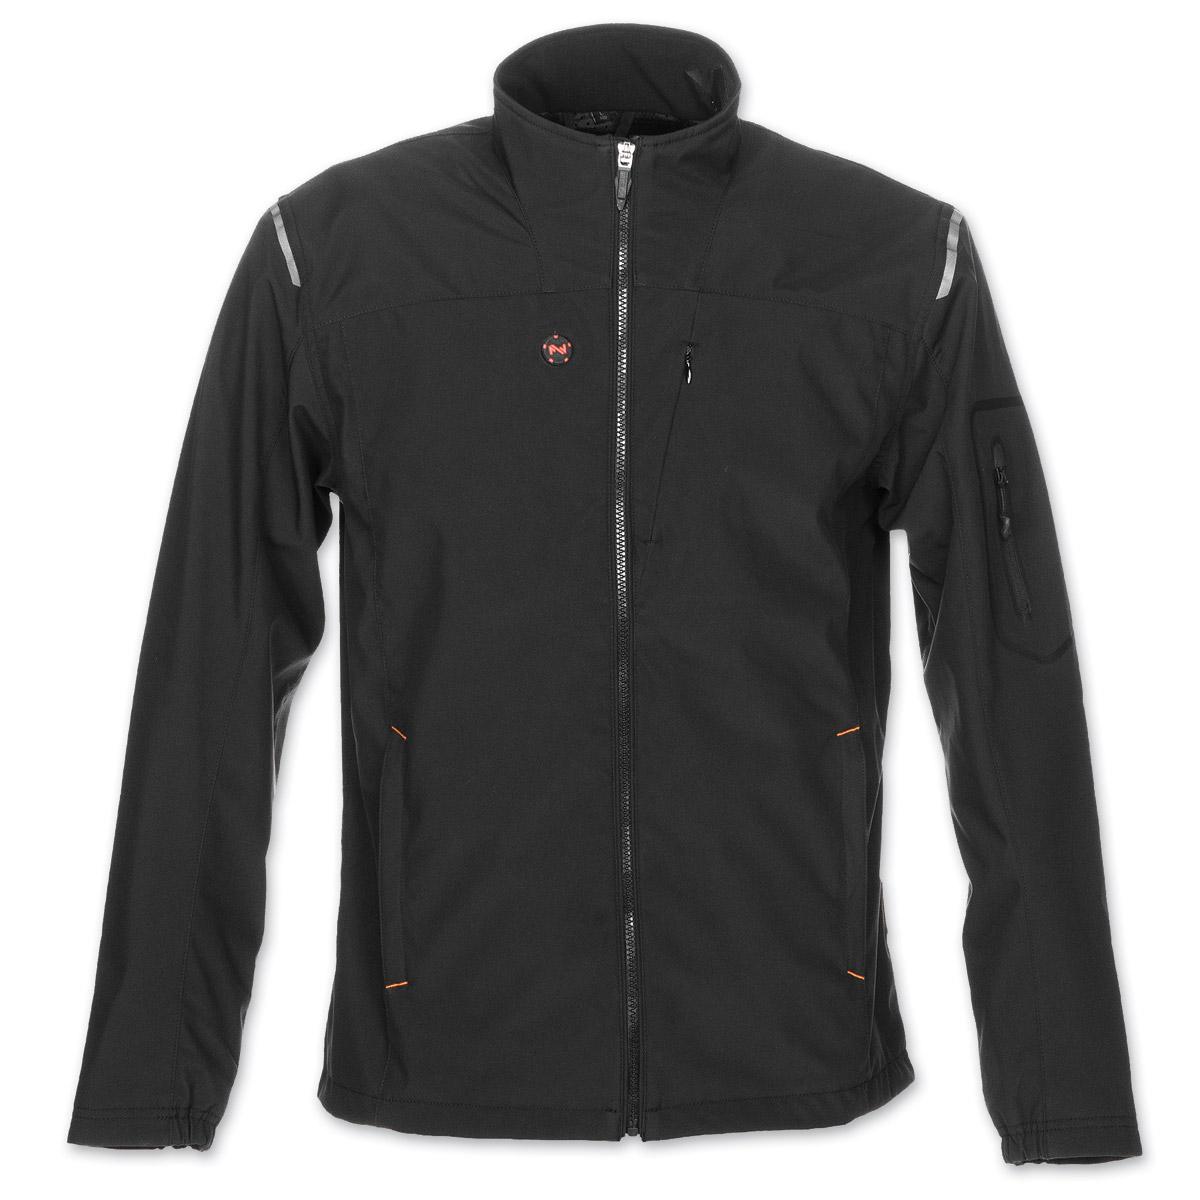 Mobile Warming Men's Alpine 7.4V Heated Black Jacket